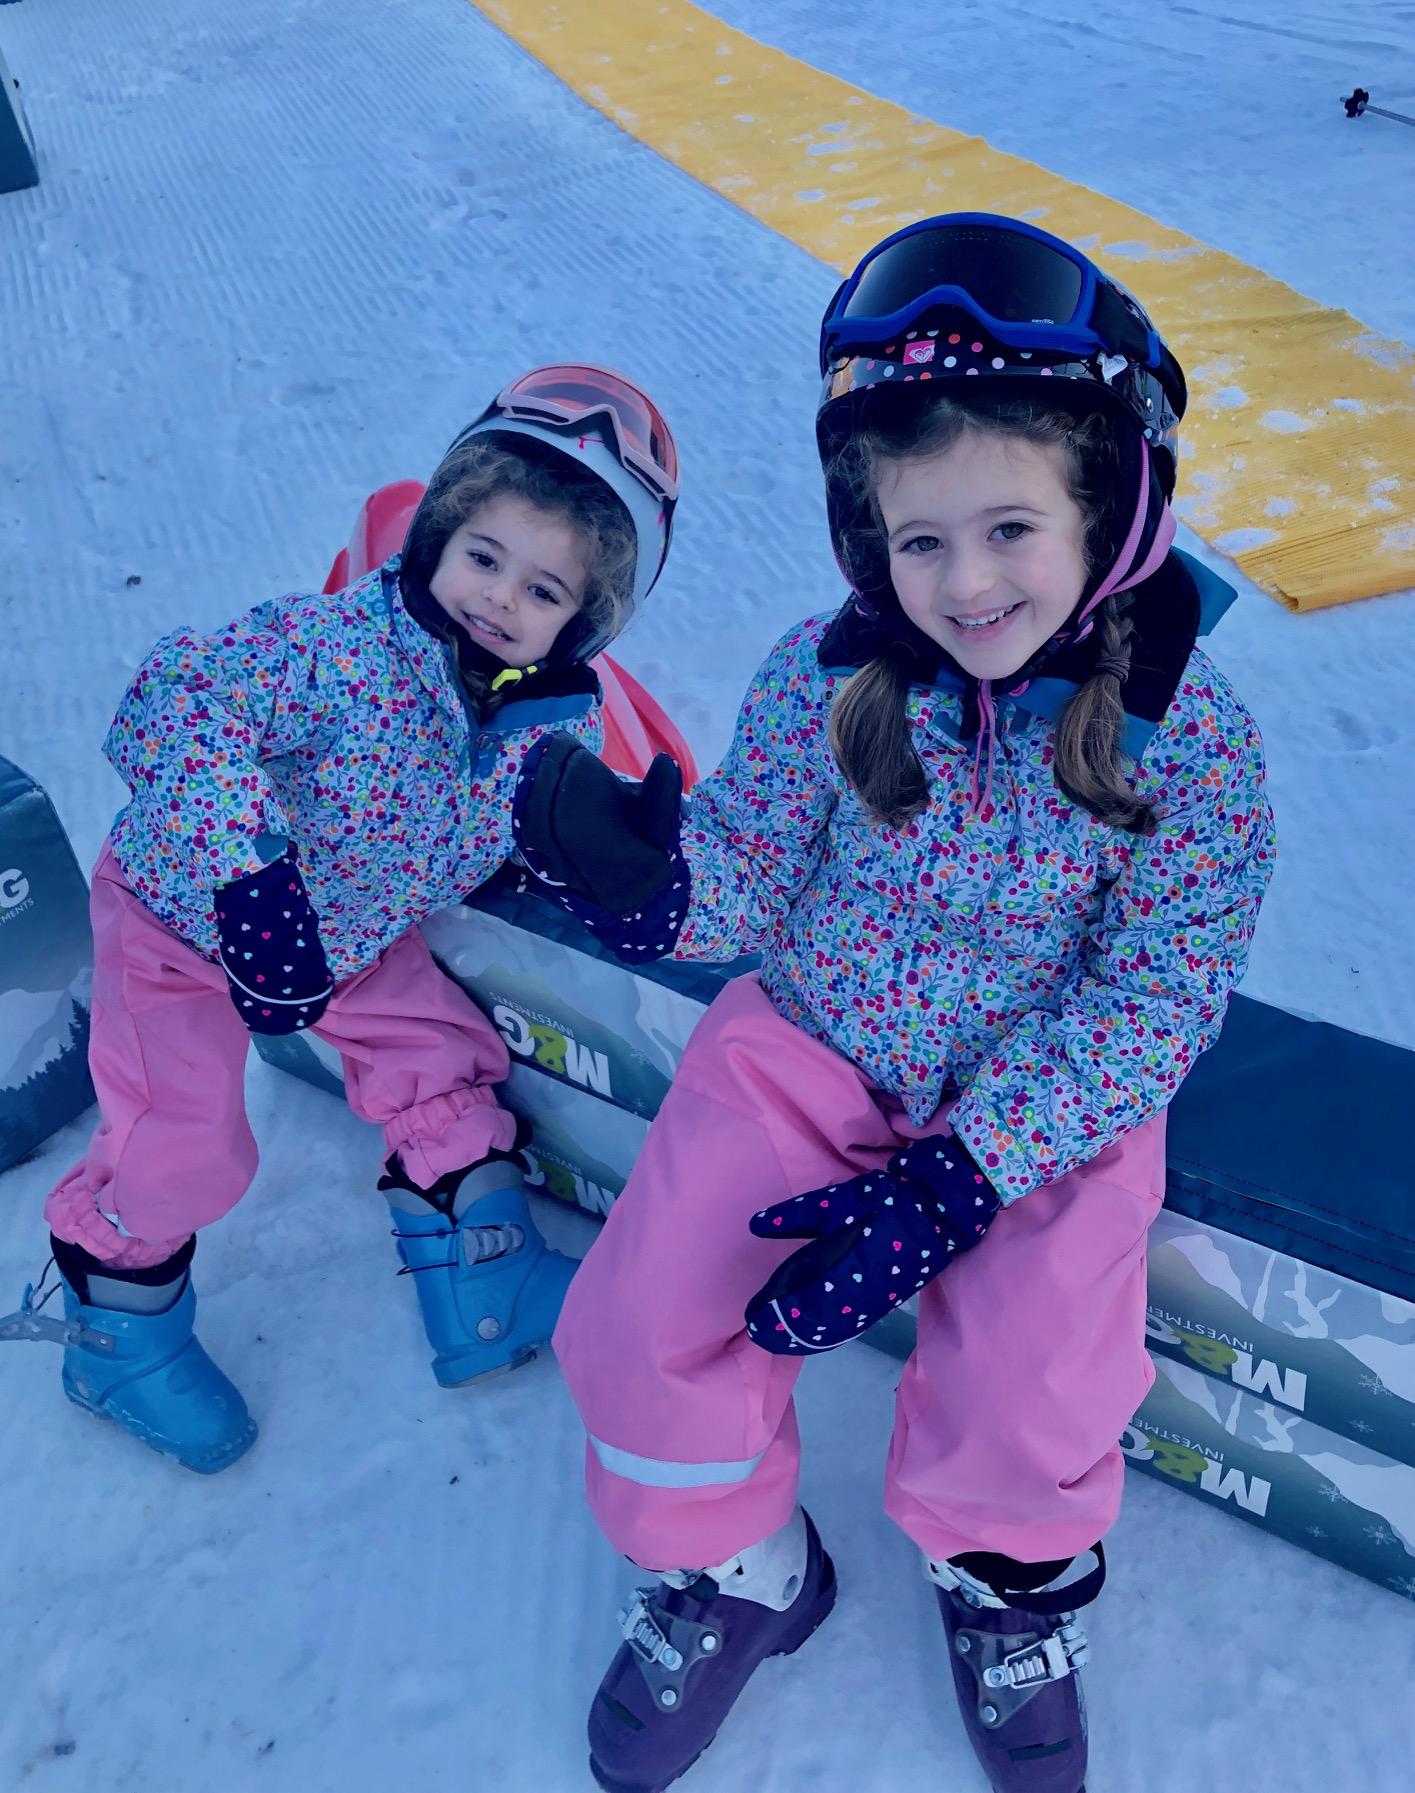 Nuestro primer viaje de esquí con las niñas